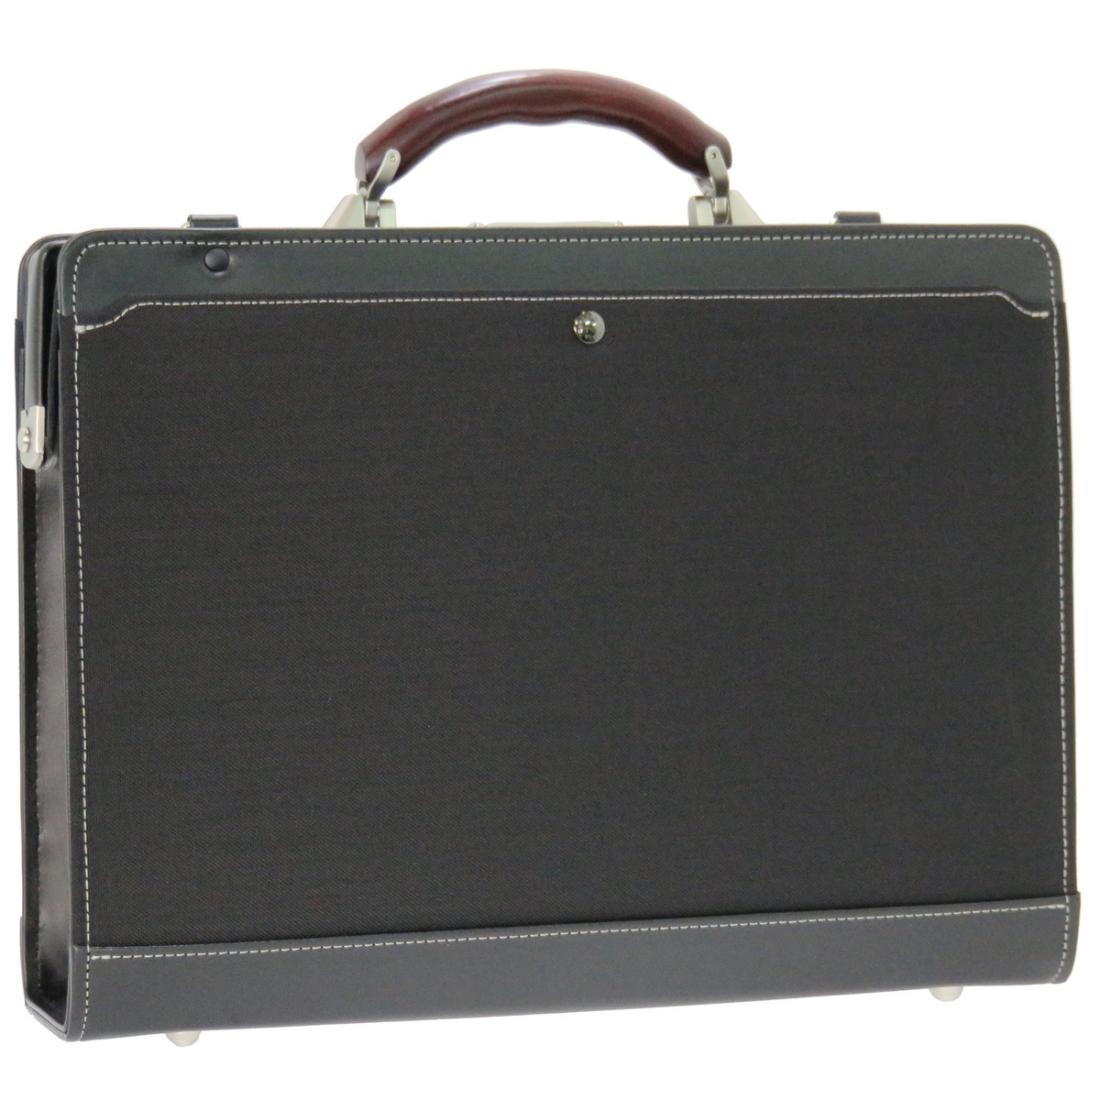 おしゃれ デザイン 日本 ビジネス 通勤カバン 通勤 バッグ 木 鞄木手ダレスビジネスバッグ ブラック 日本製